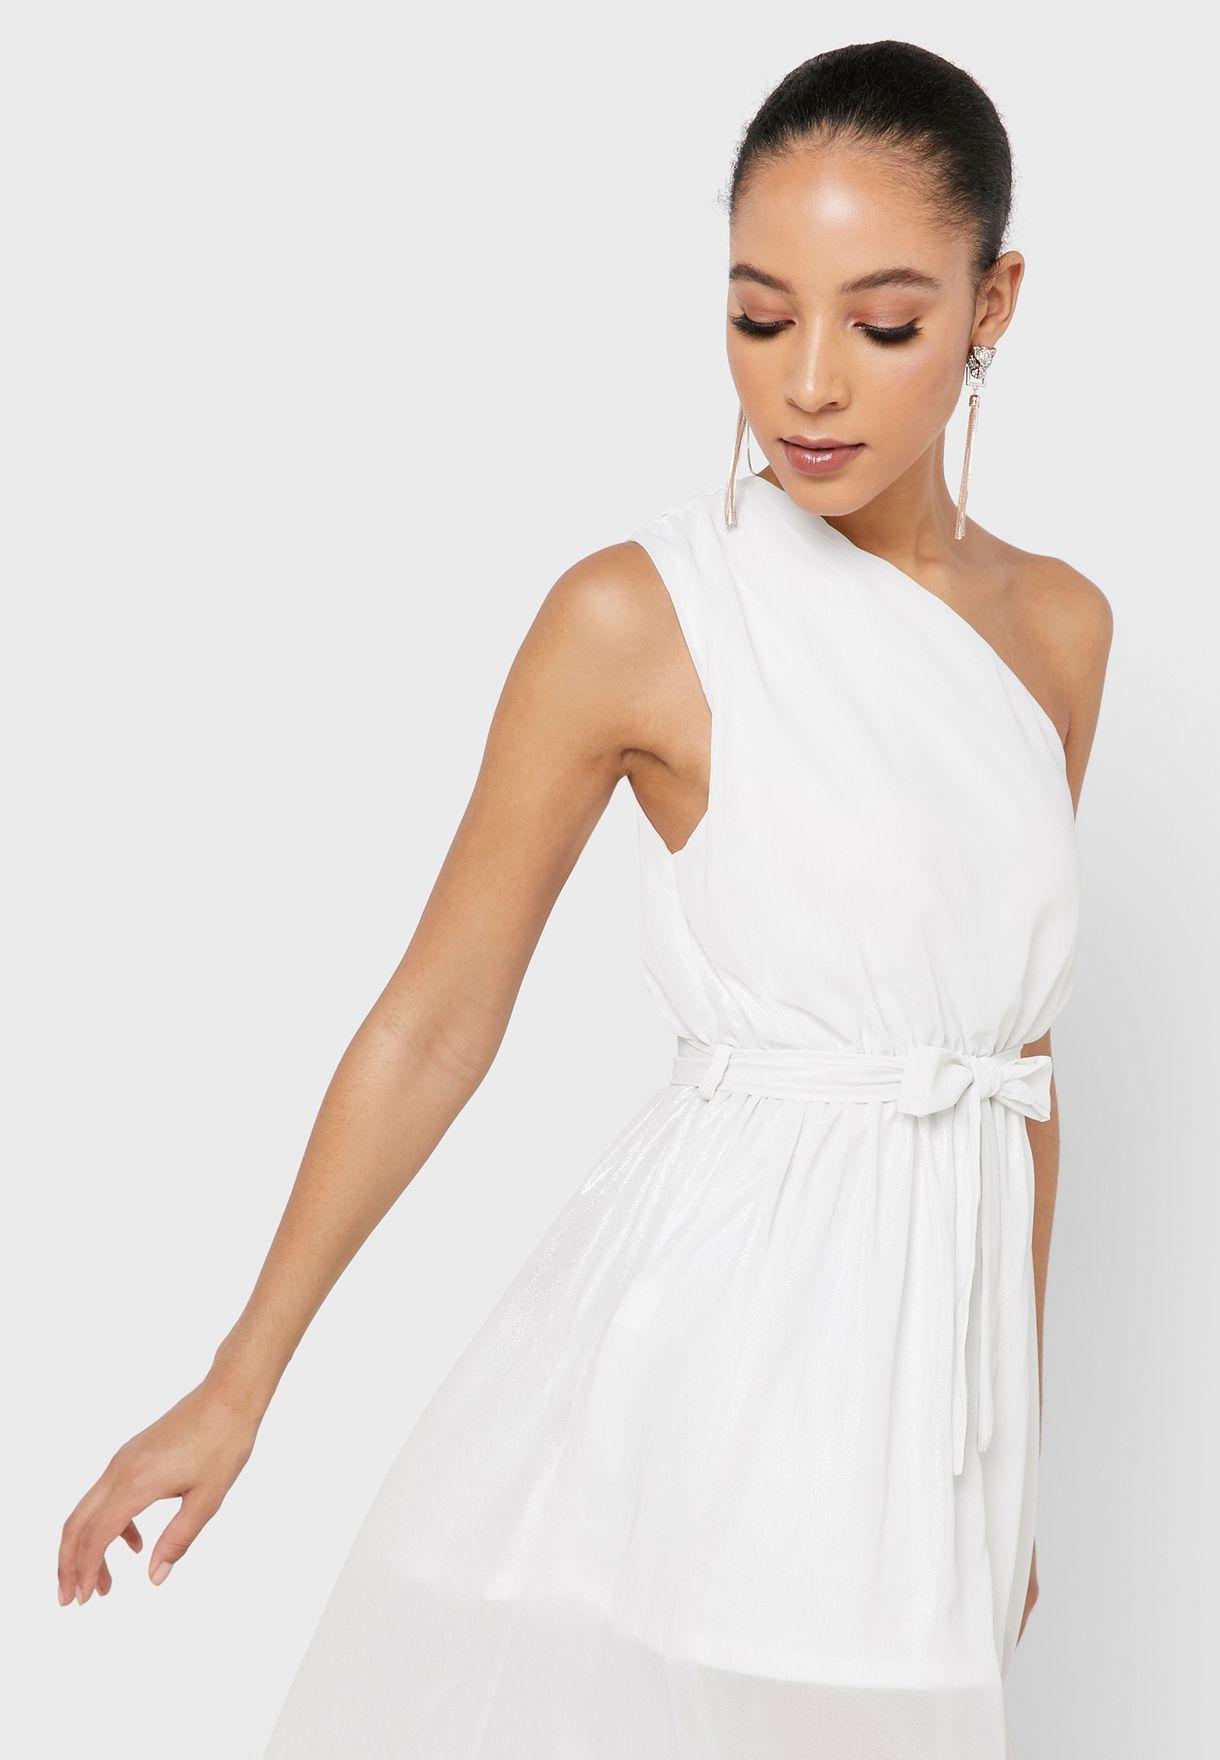 فستان مكسي بكتف واحد واربطة